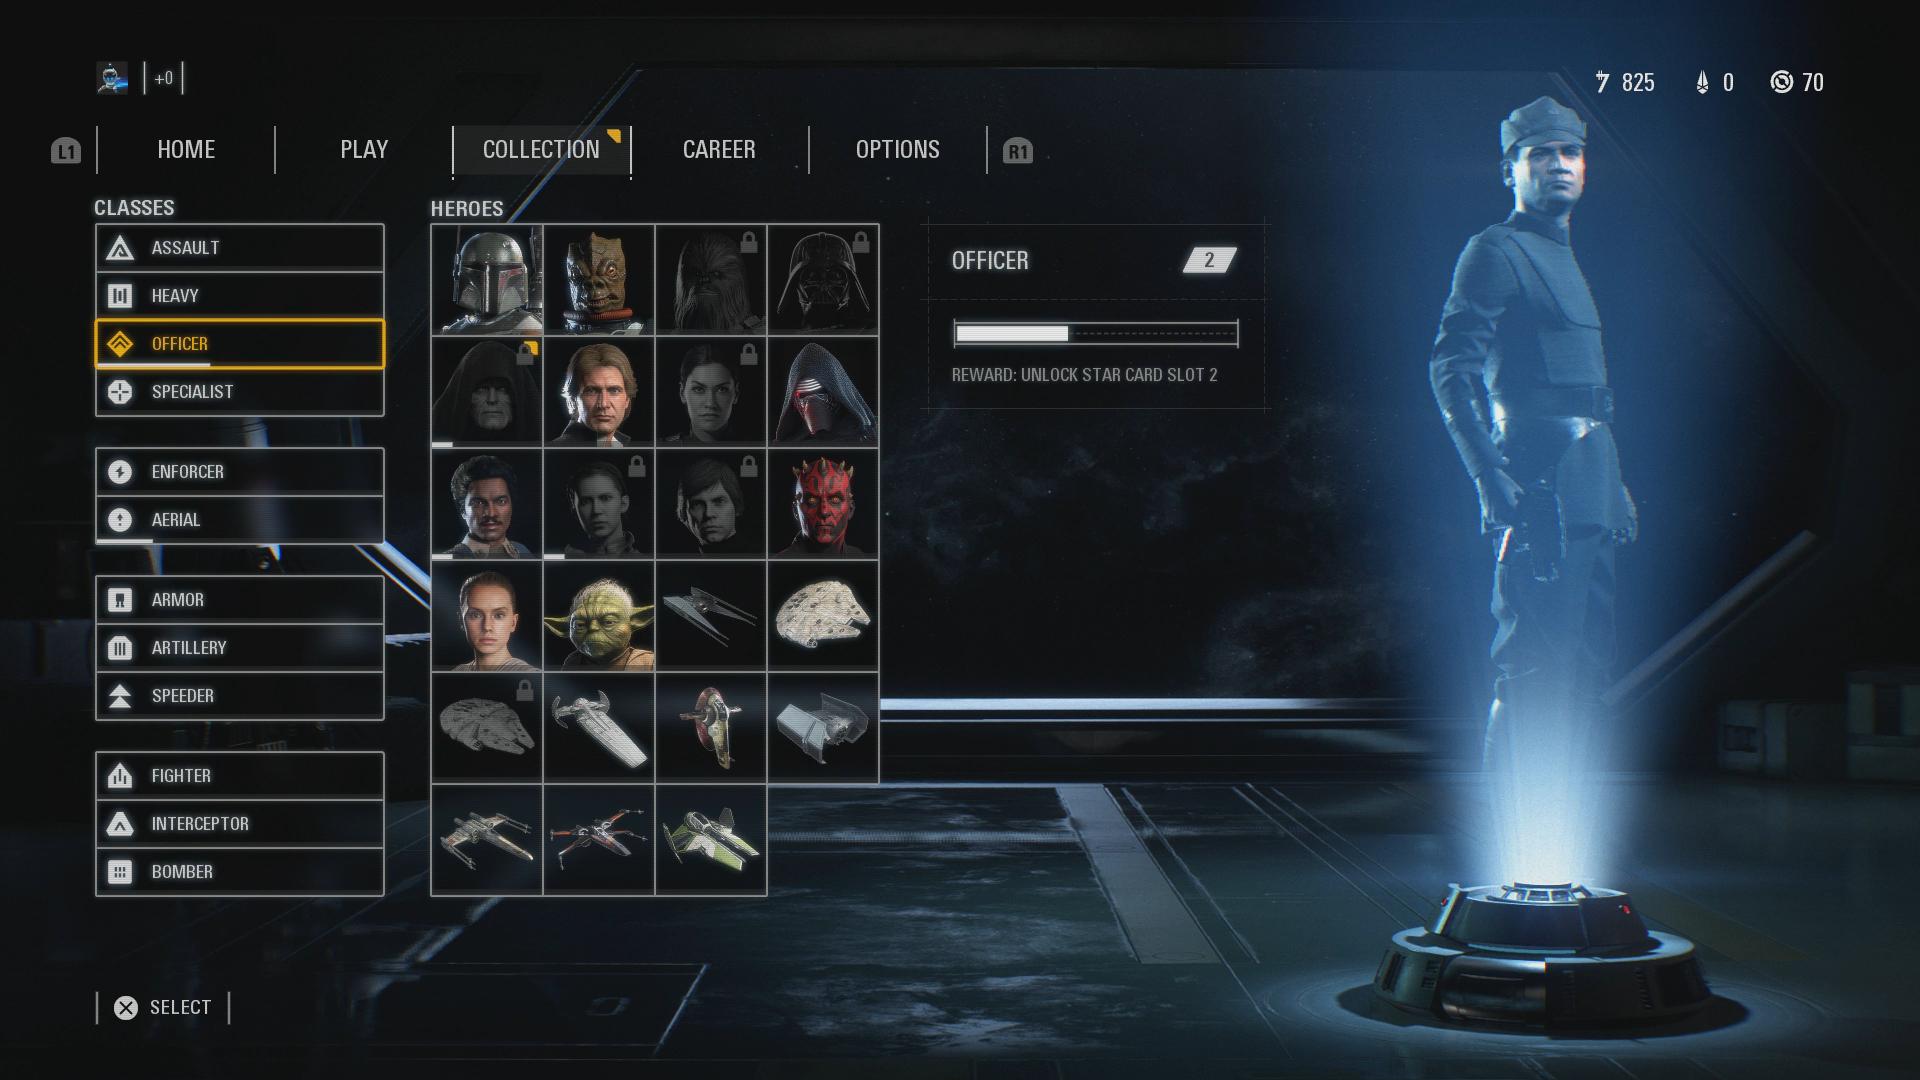 Star Wars Battlefront 2 angespielt: Sammeln ihr sollt ... - Nach und nach bekommen wir immer mehr der Sammelobjekte. (Bild: EA/Screenshot: Golem.de)